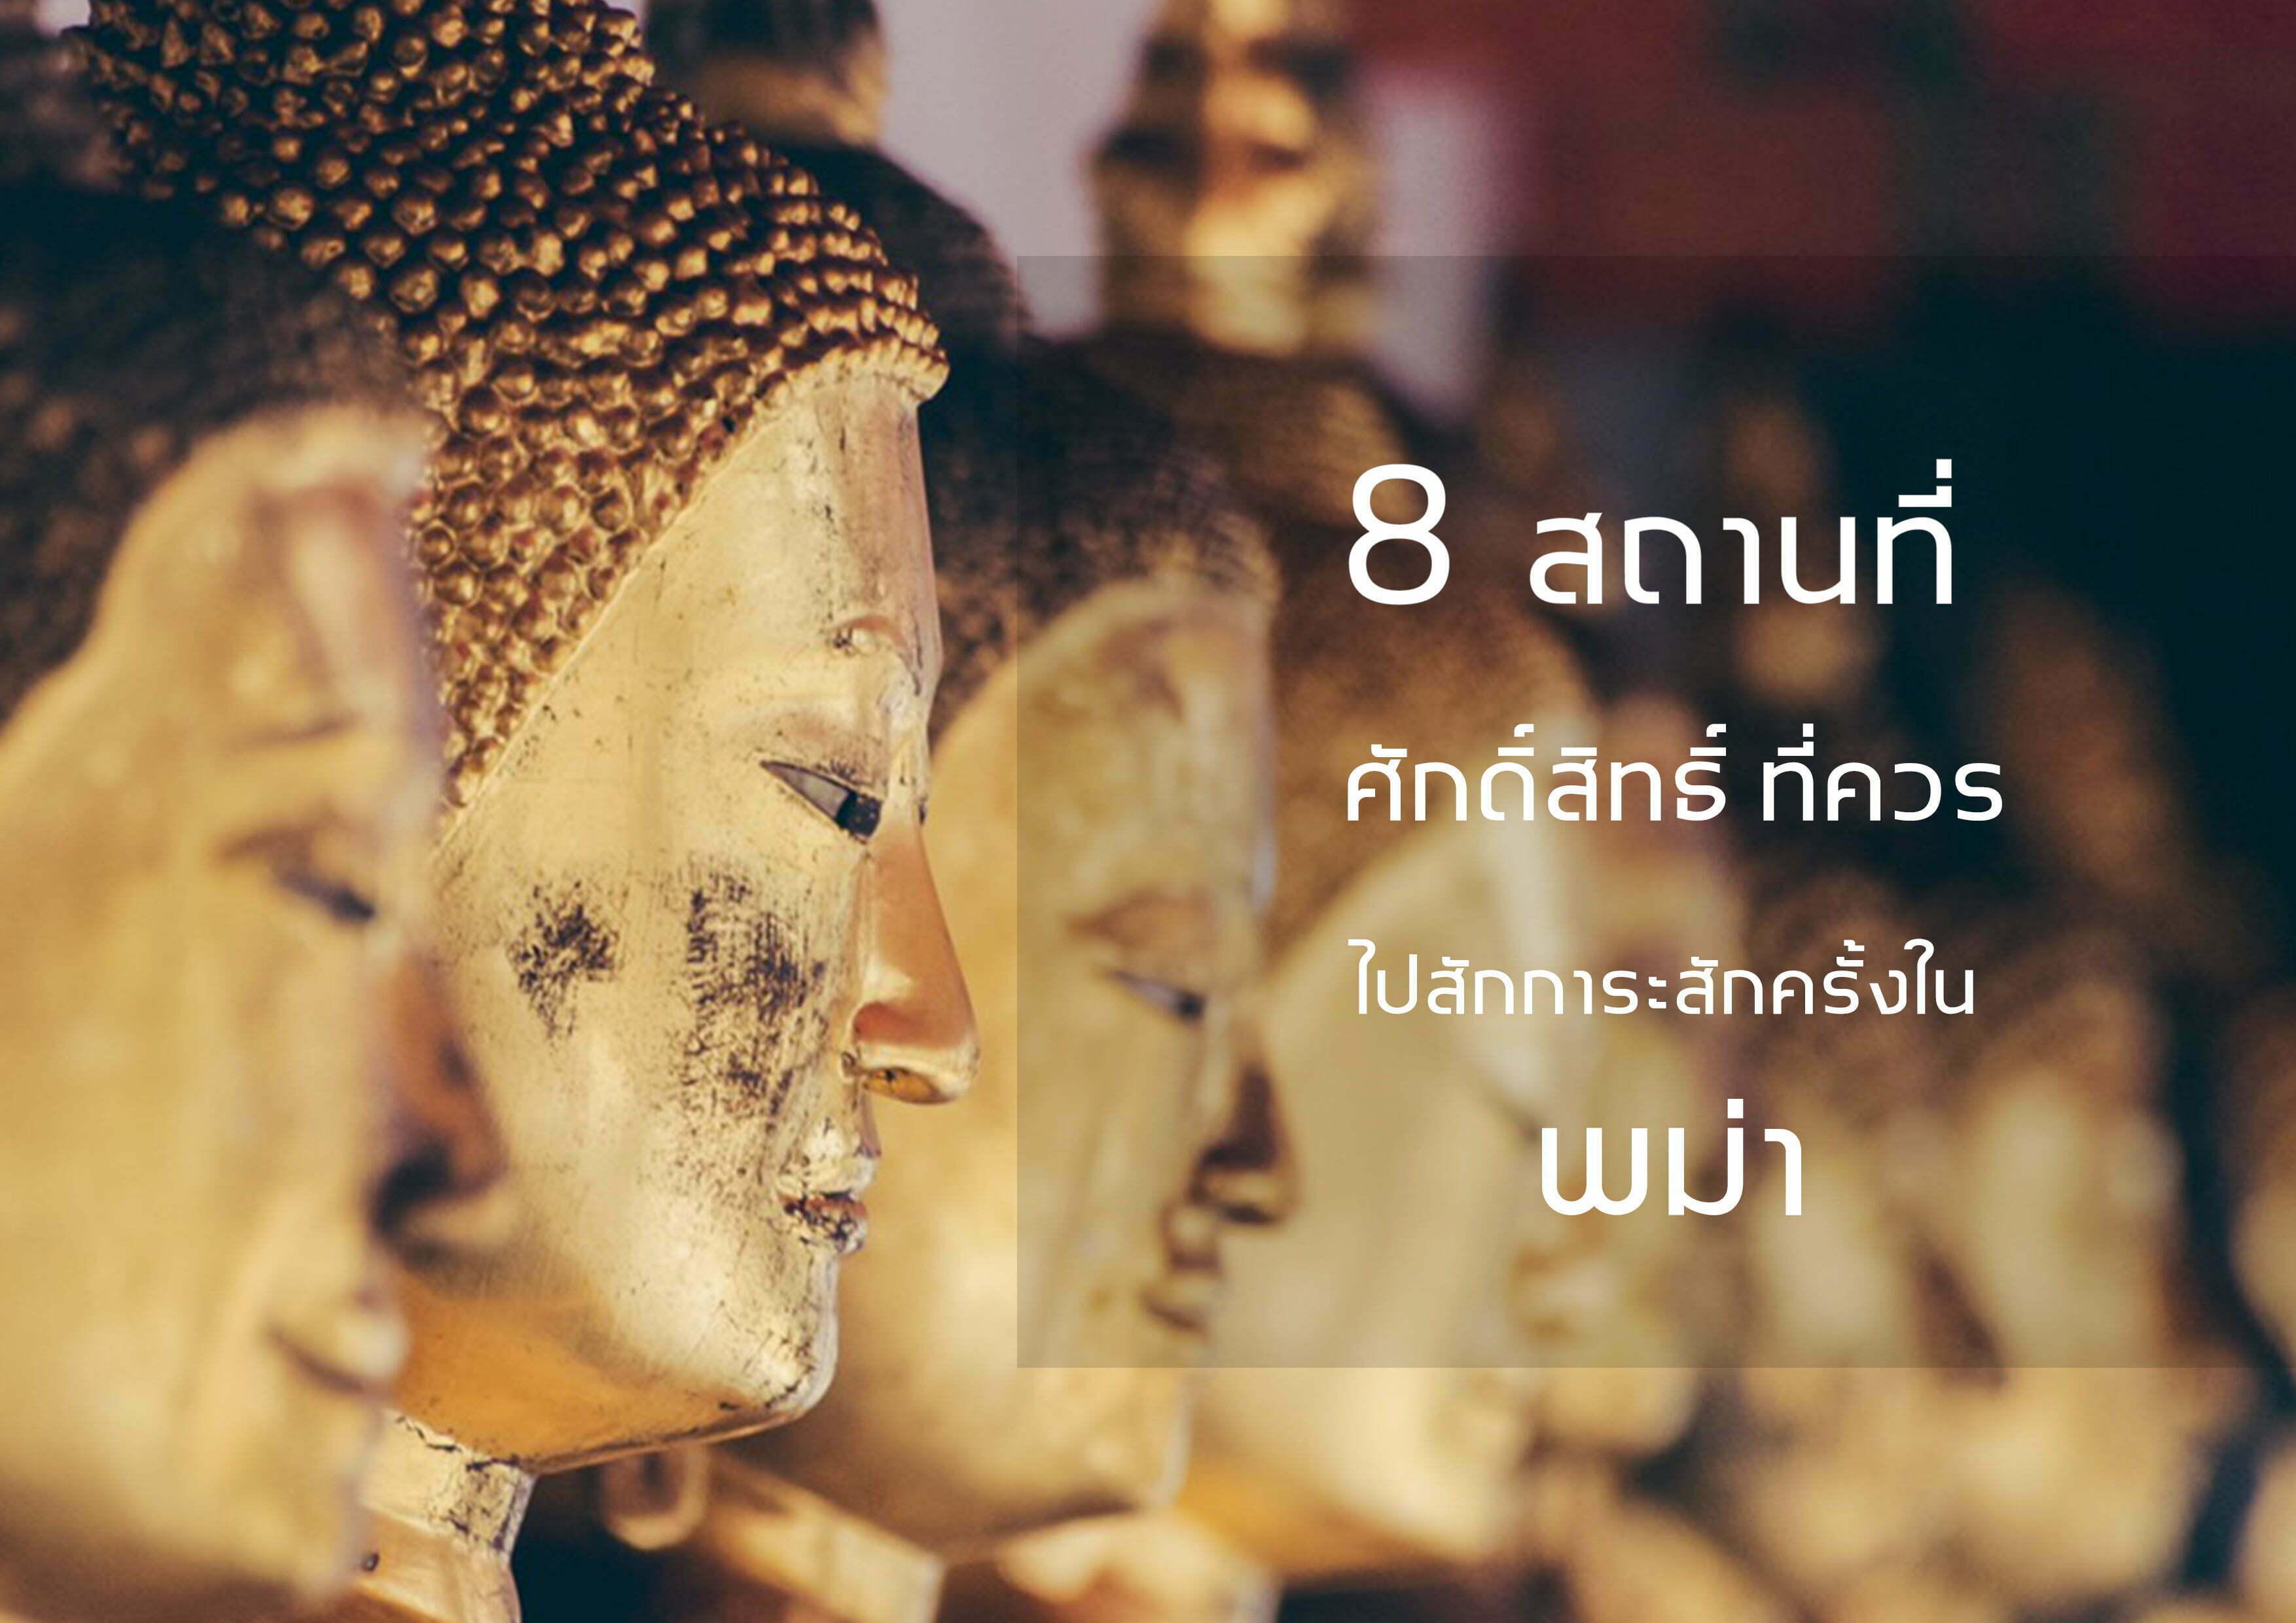 8 สถานที่ศักดิ์สิทธิ์ ที่ควรจะไปสักการะสักครั้งในพม่า